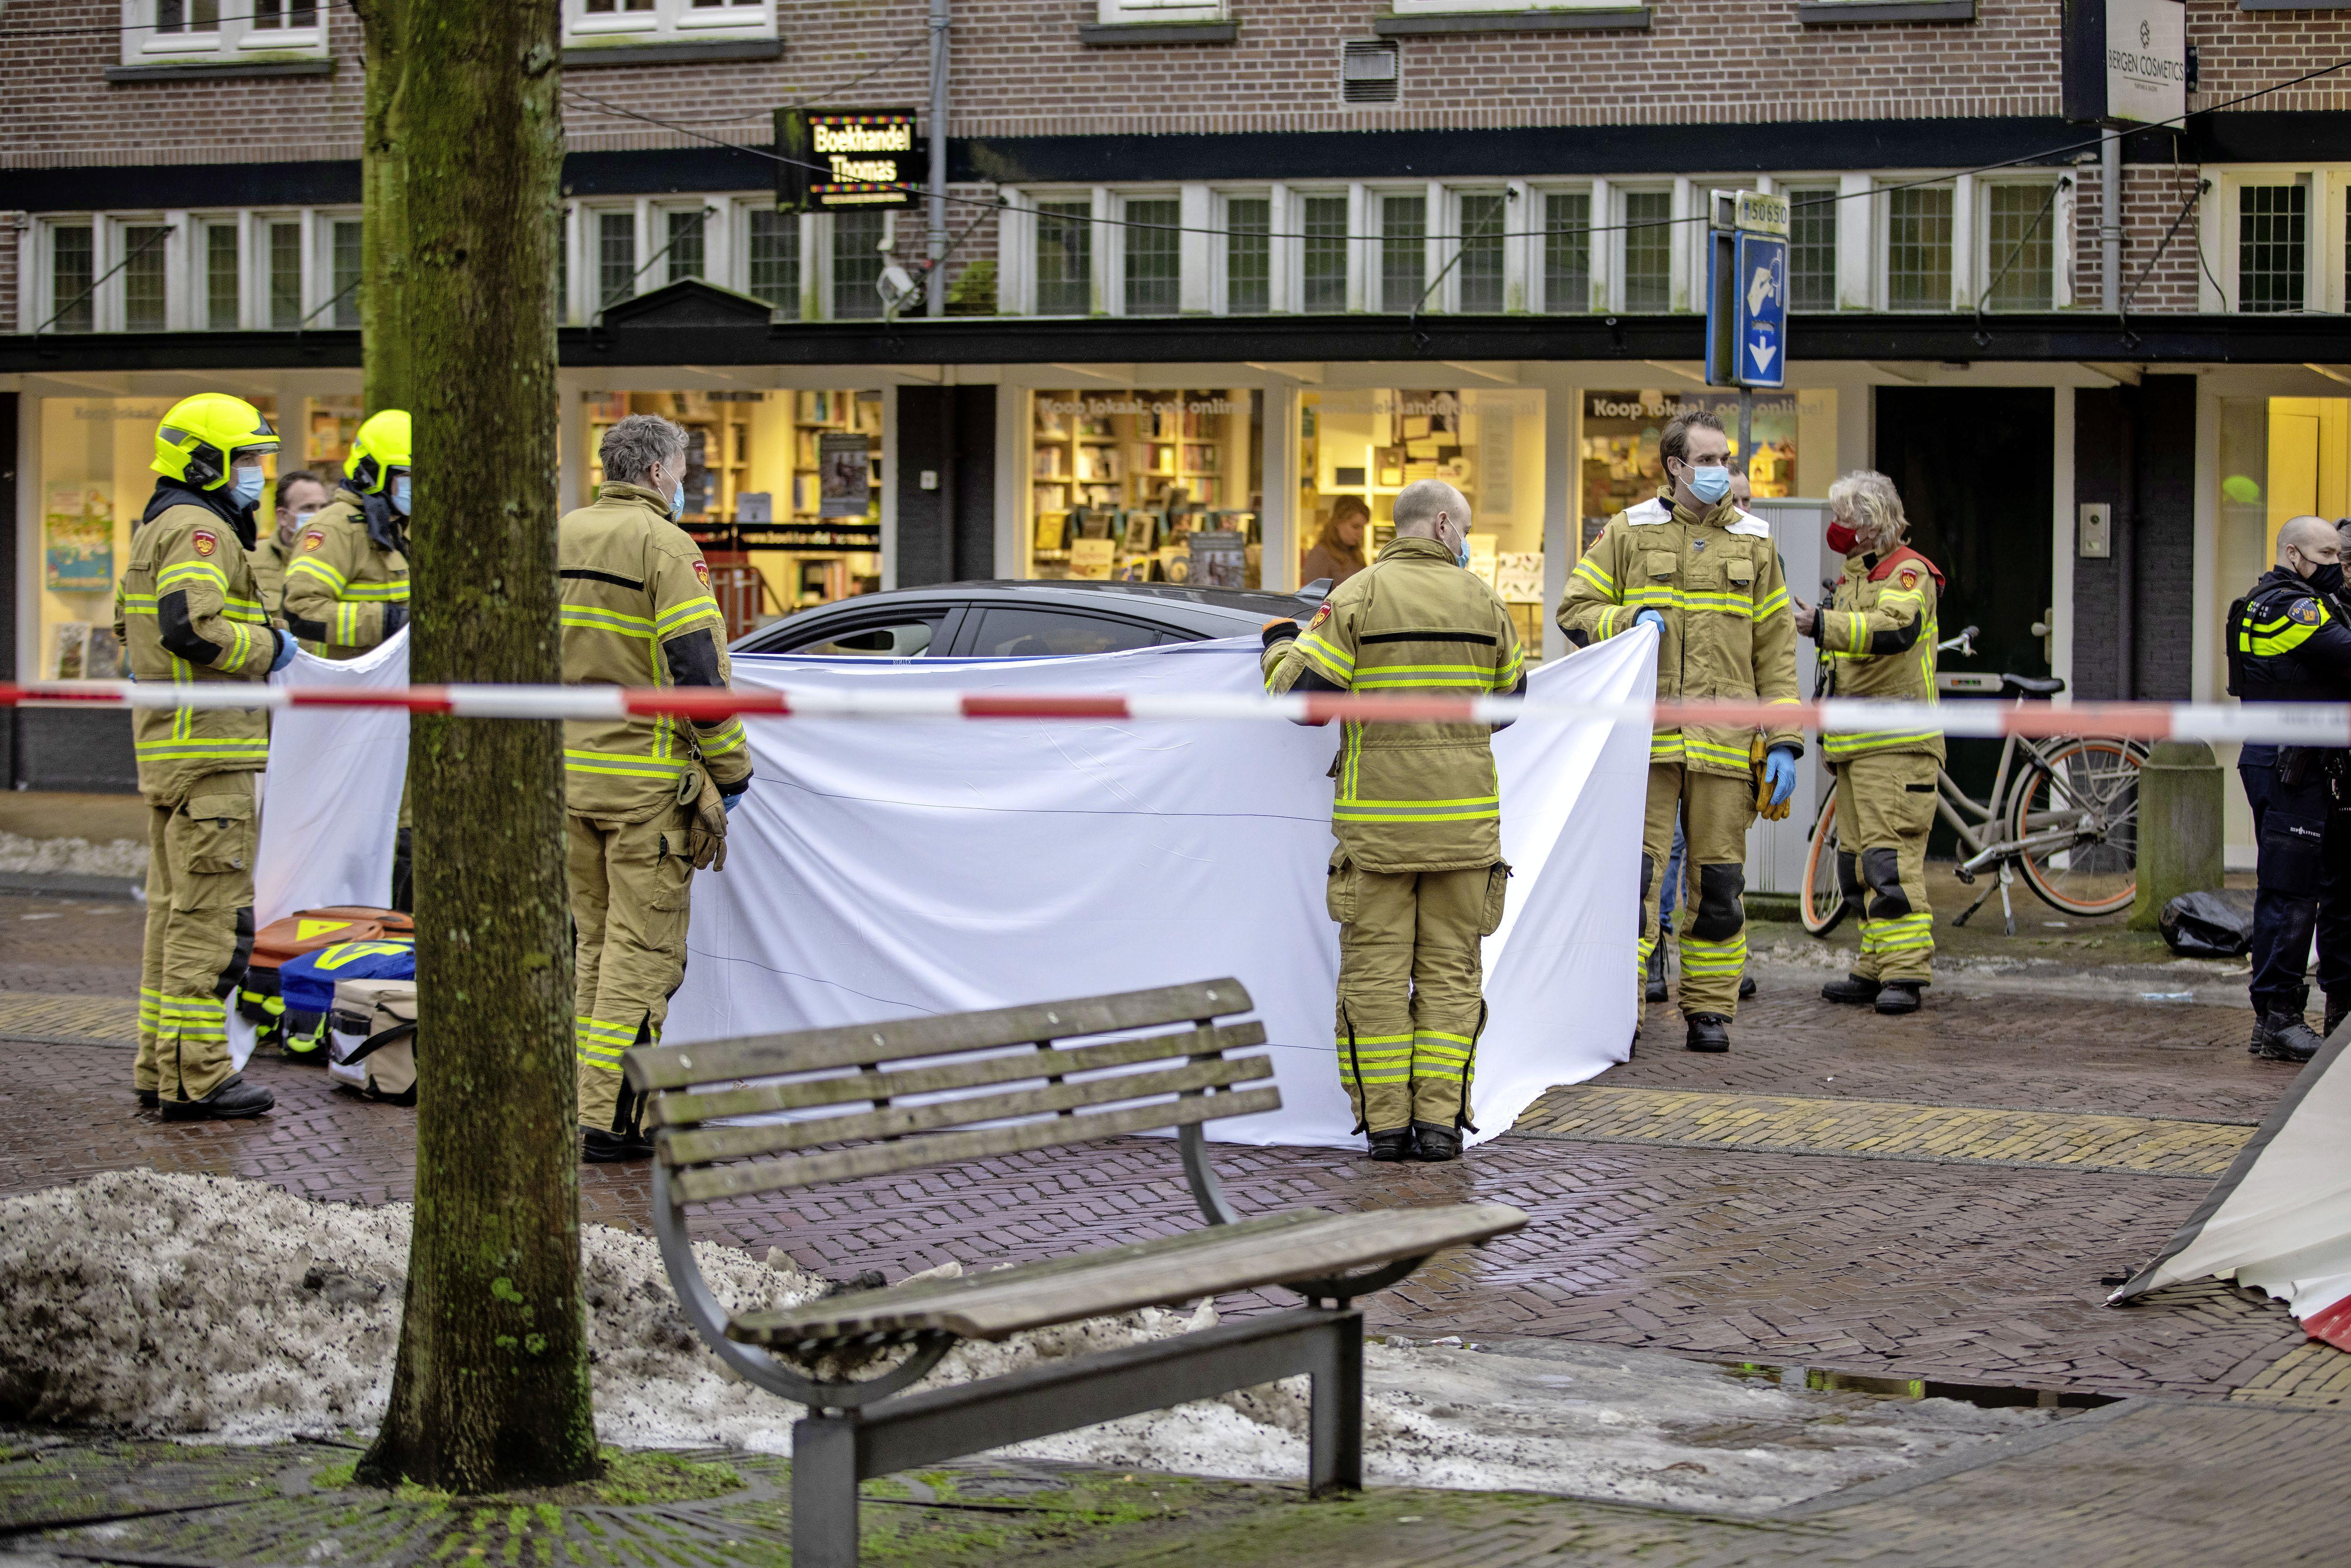 Zes Colombianen niet langer verdacht van moord in Bergen aan Zee, nog wel van wapenbezit en witwassen. Ze blijven voorlopig vastzitten na dodelijke schietpartij